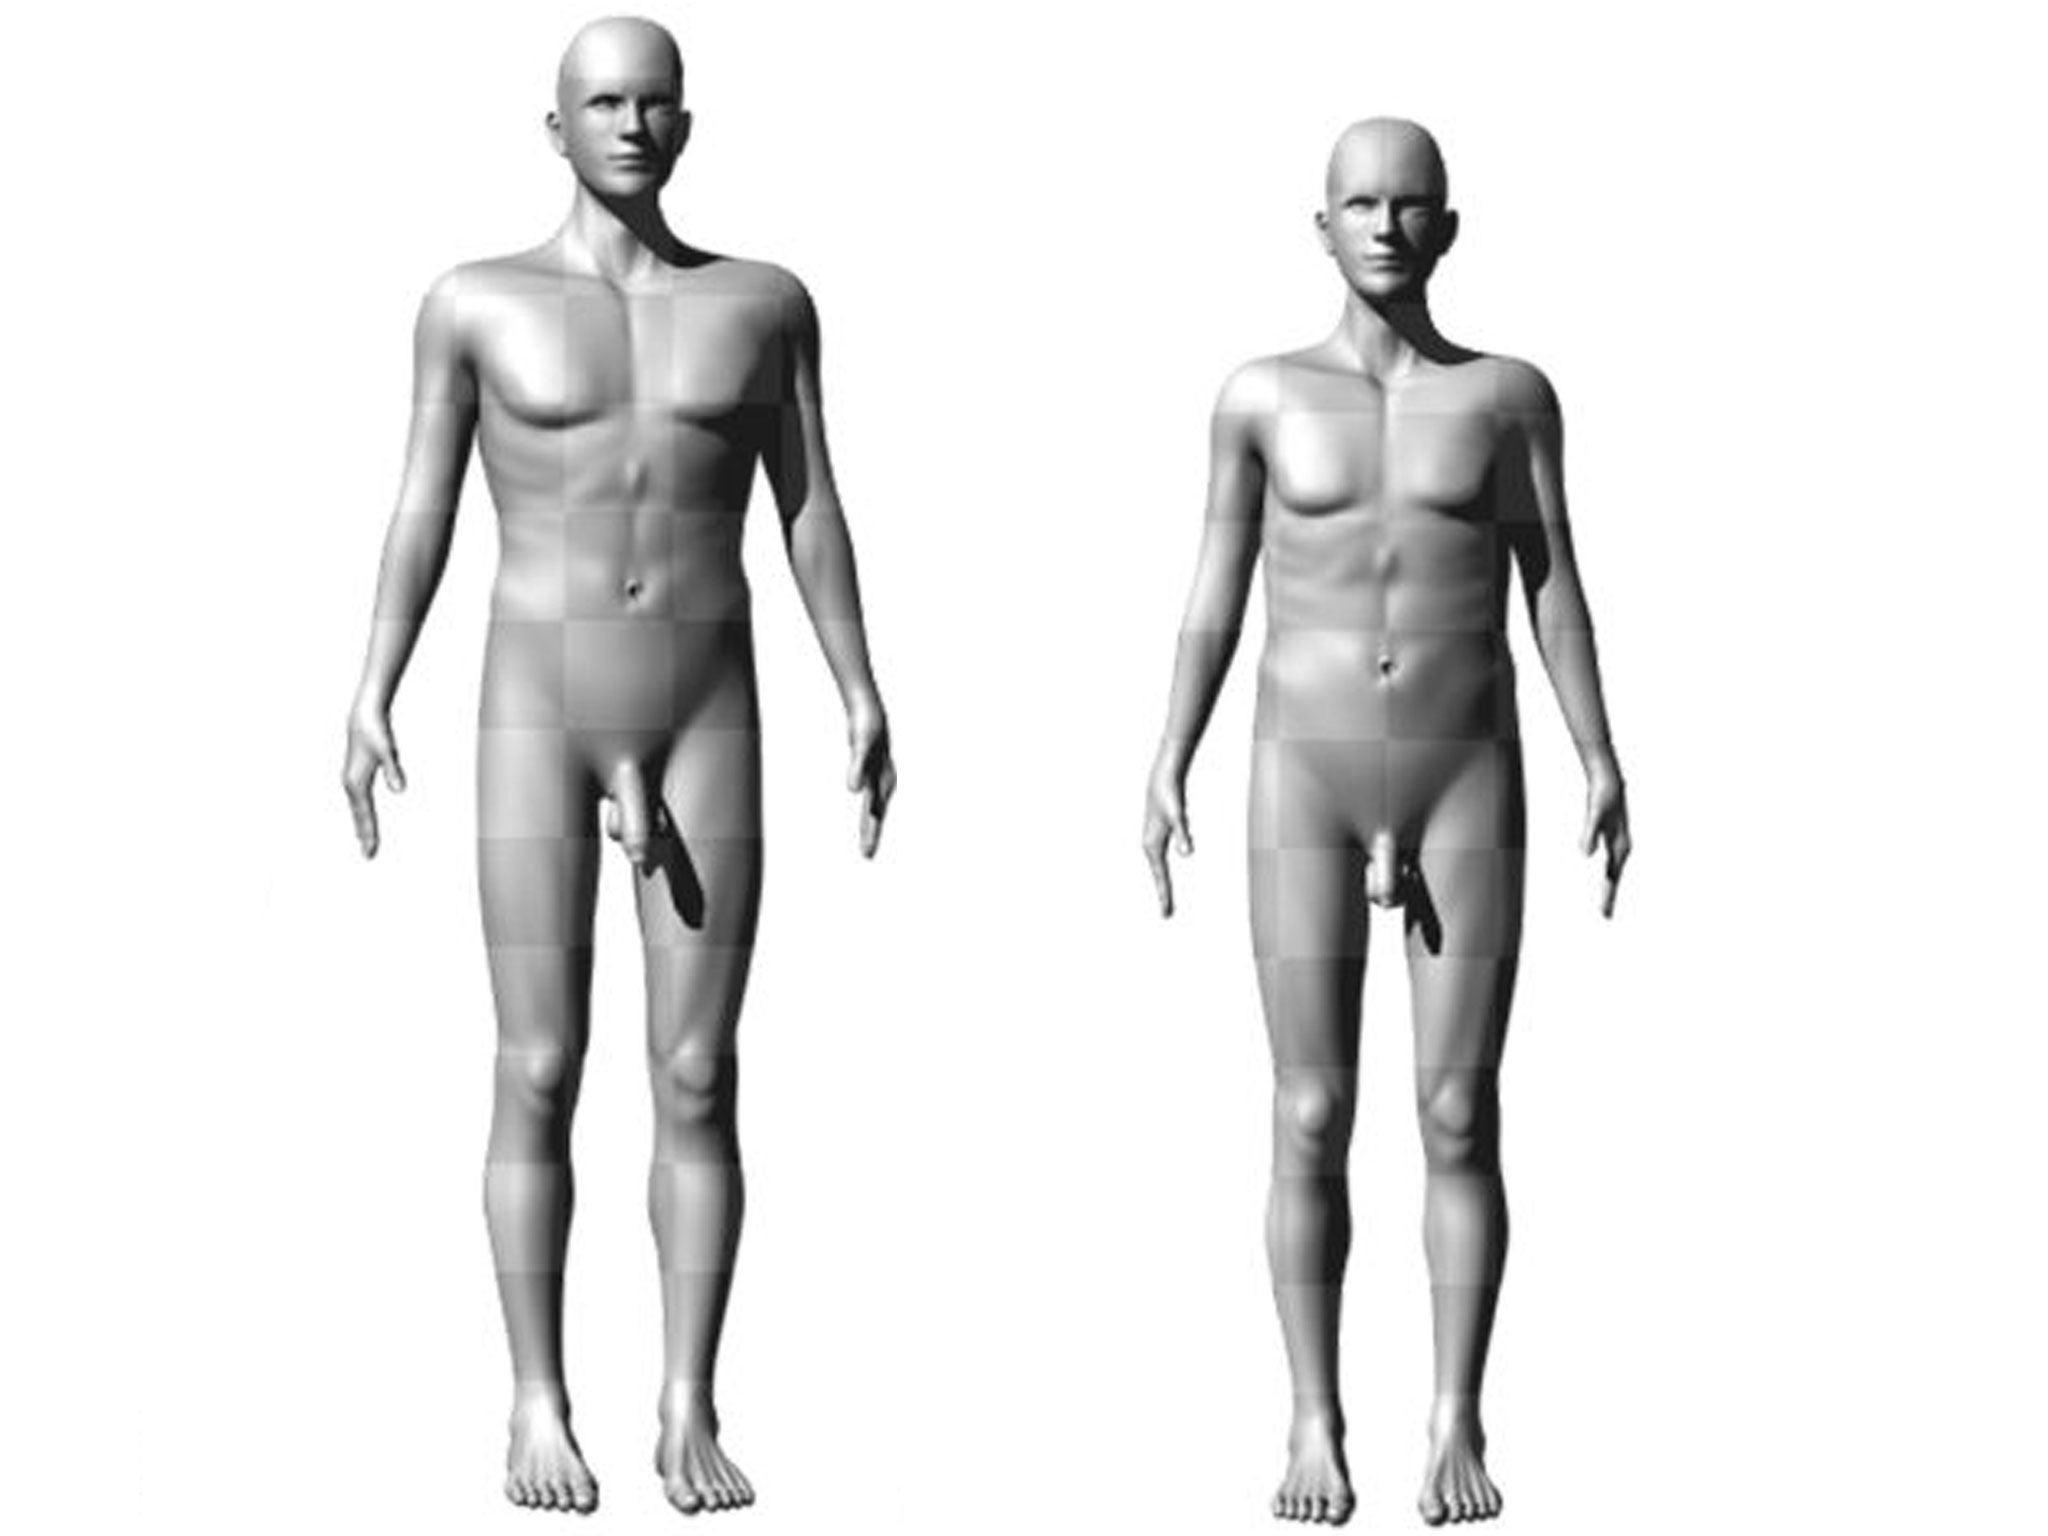 dimensiunea penisului de întâlnit